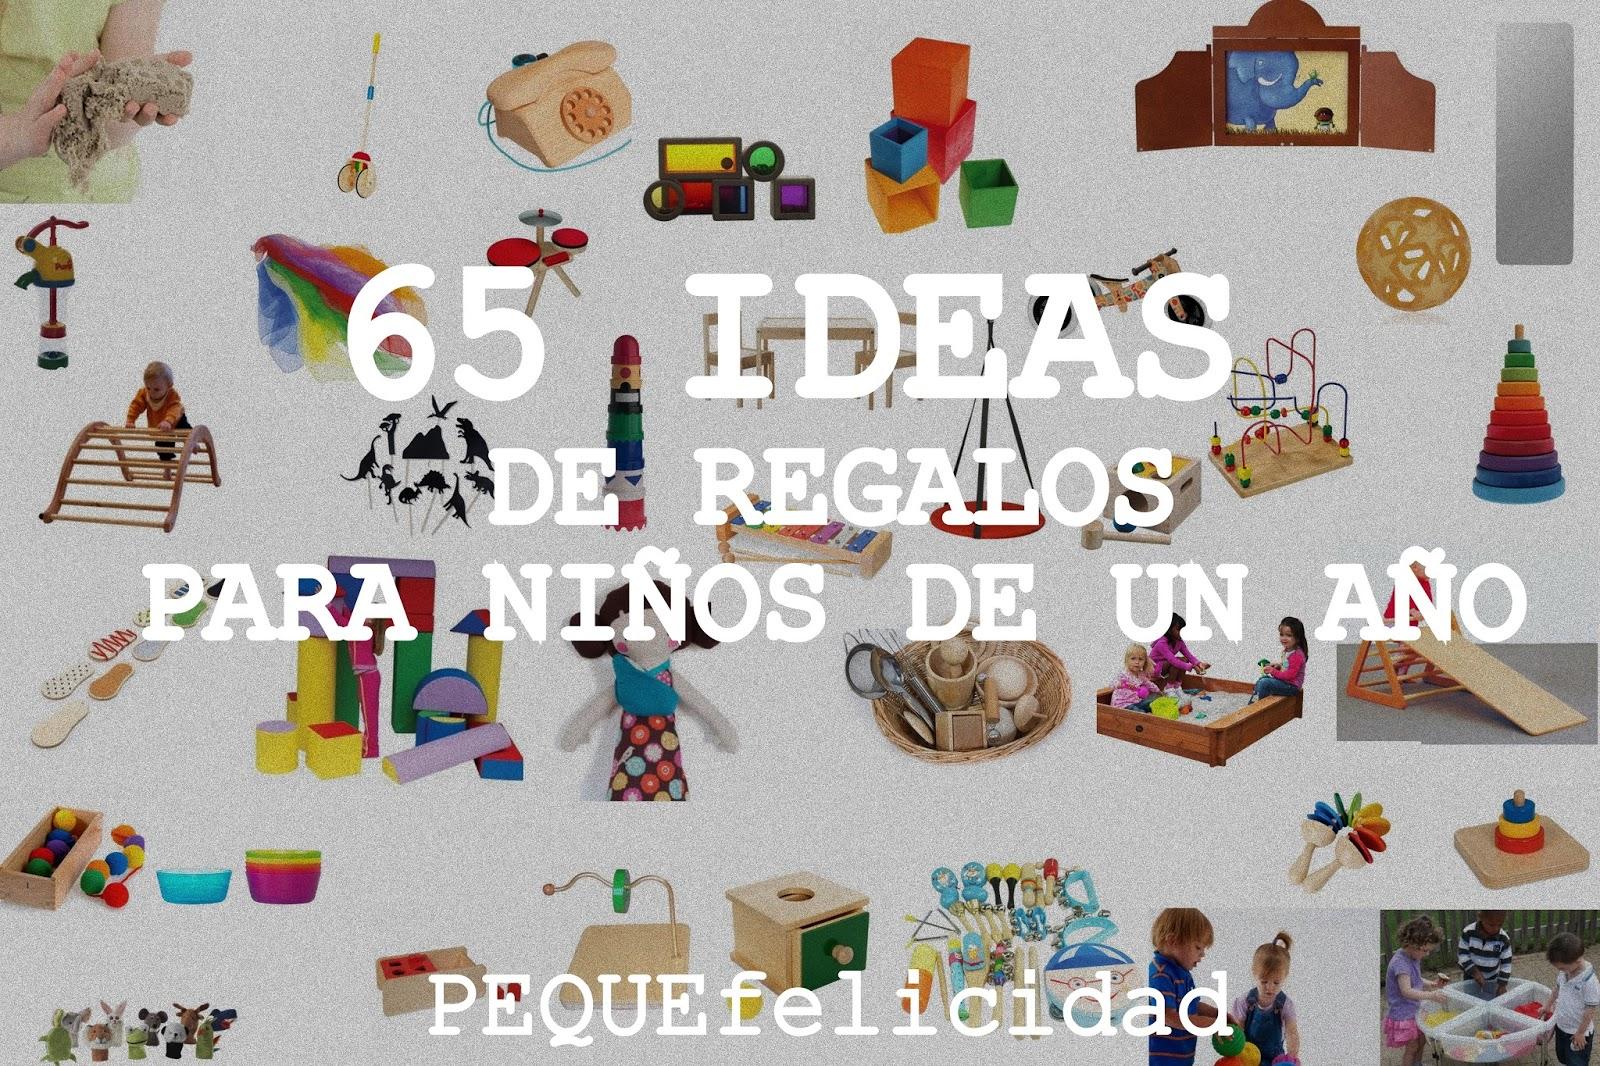 Regalos Originales Para Ninos 4 Anos.Pequefelicidad 65 Ideas De Regalos Para Ninos De Un Ano